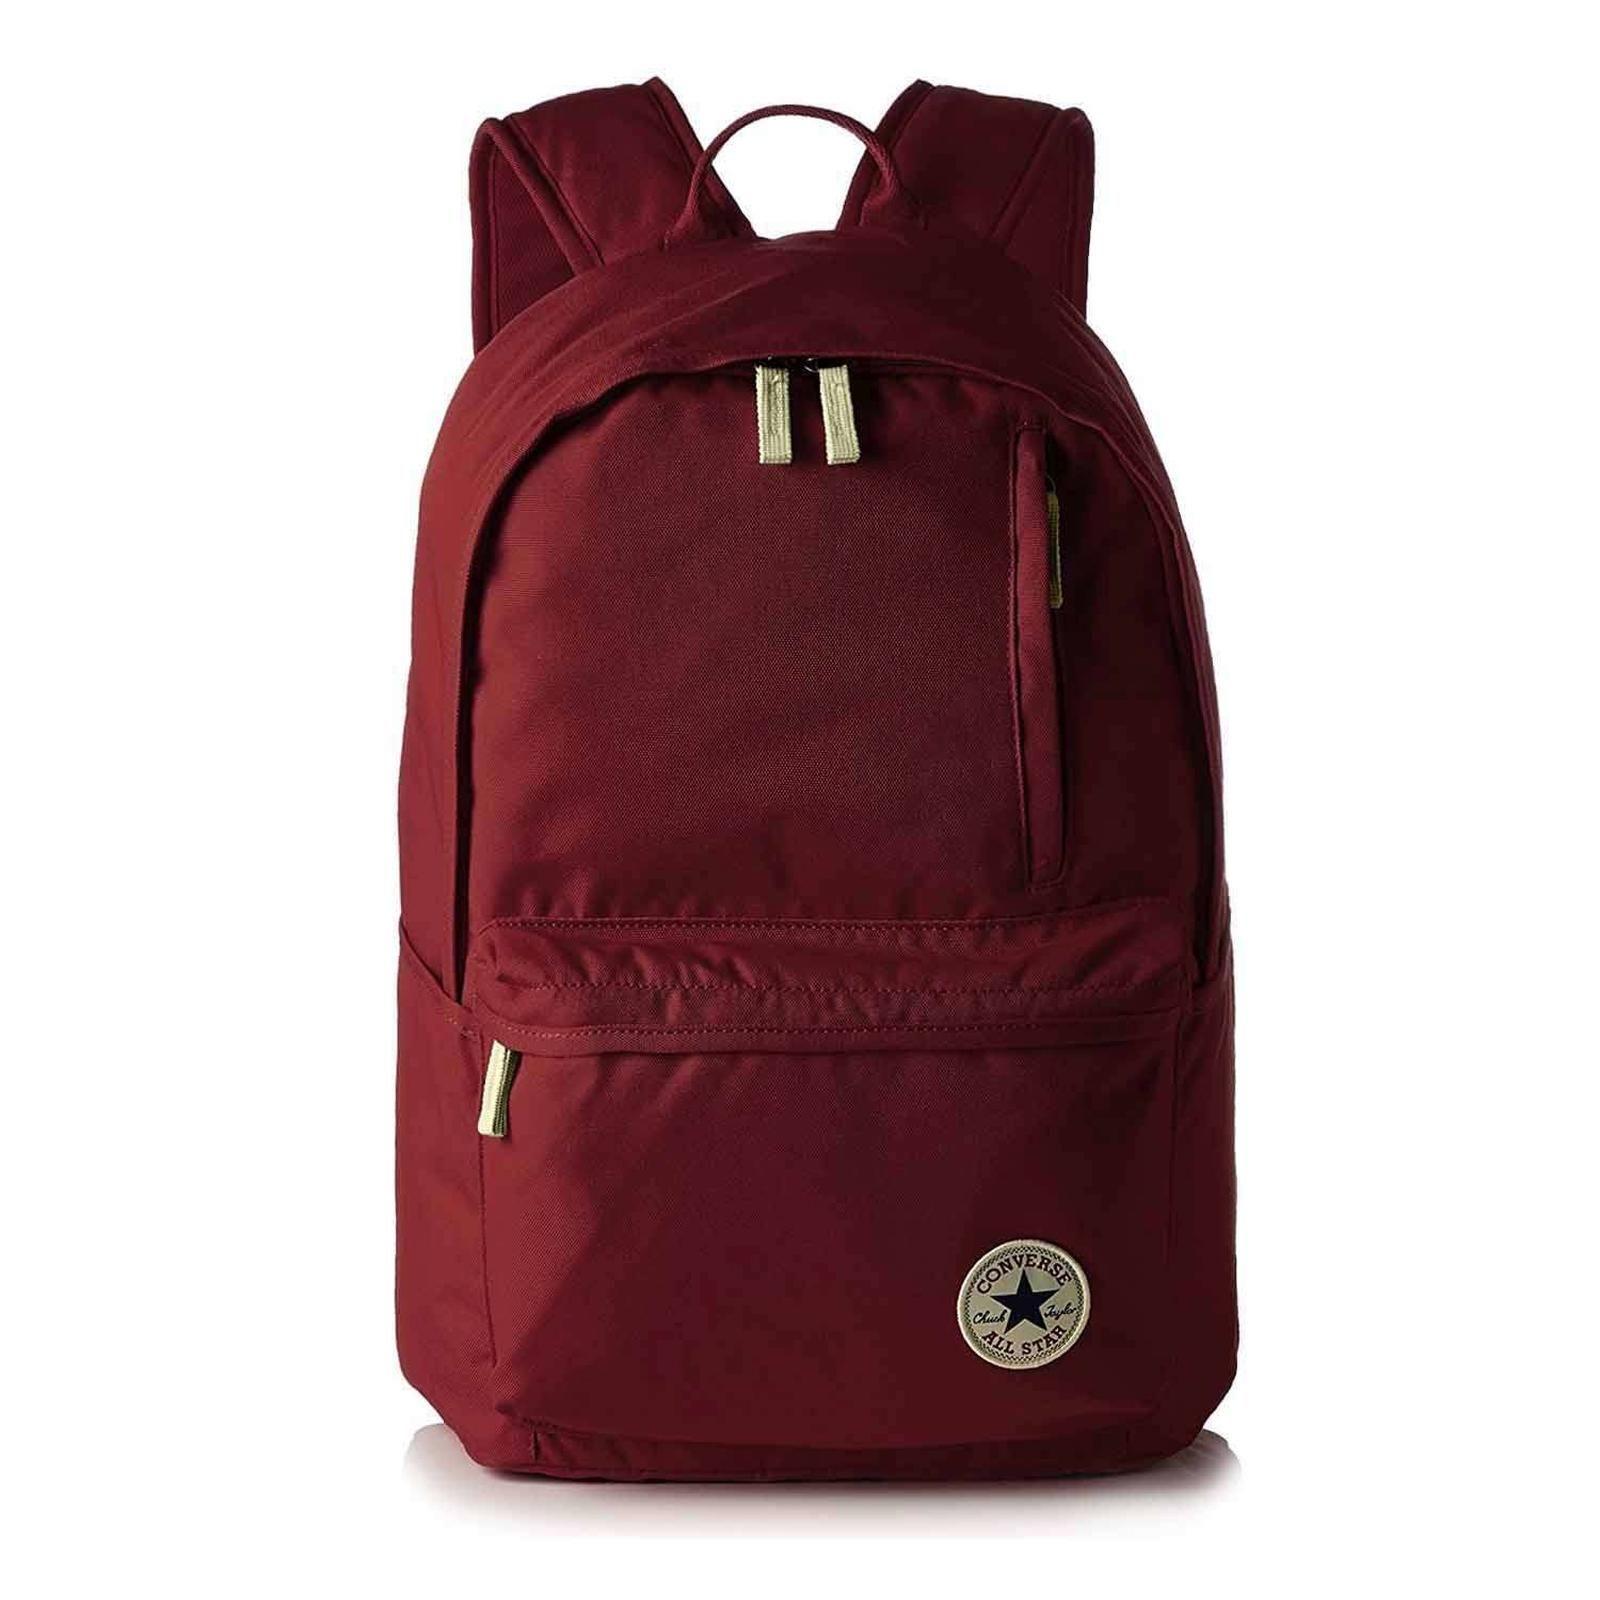 9678aa9a UNISEX CONVERSE Rucksack Core Poly ALL STAR City-Rucksack Freizeit Reise  Urlaub Erwachsene Kinder Daypack Backpack Chuck Taylor Stern…